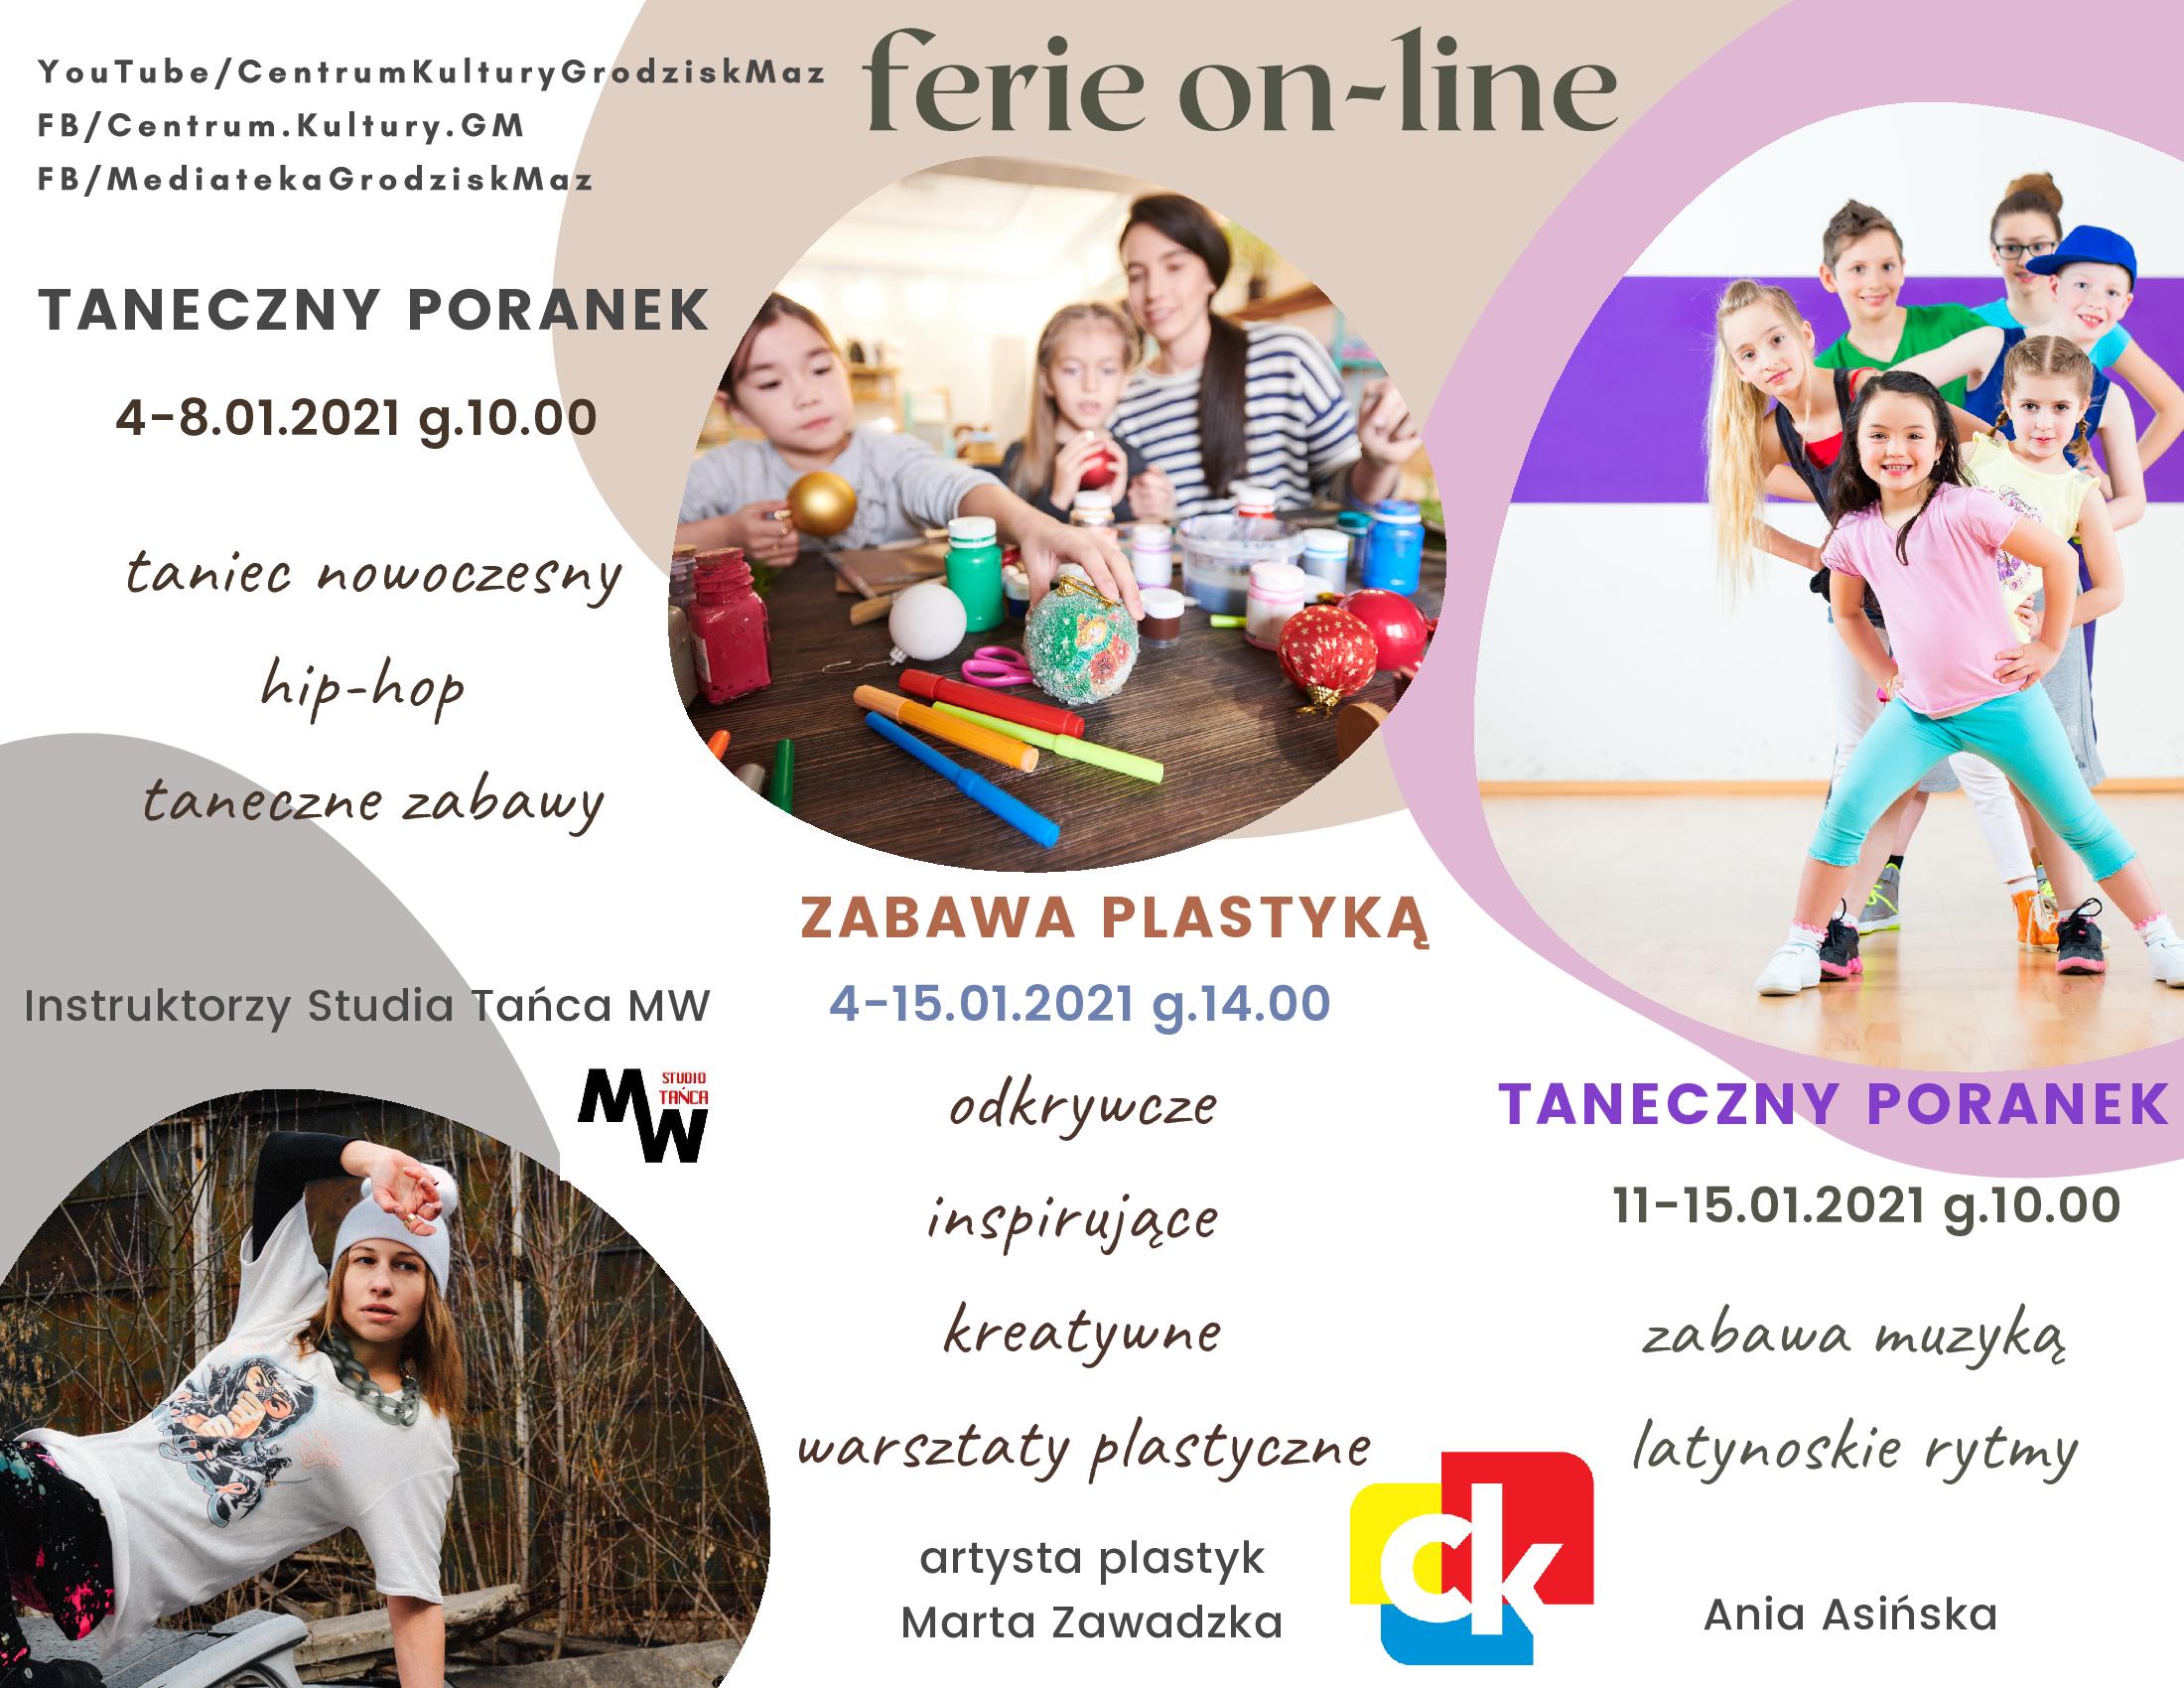 Ferie zimowe on-line